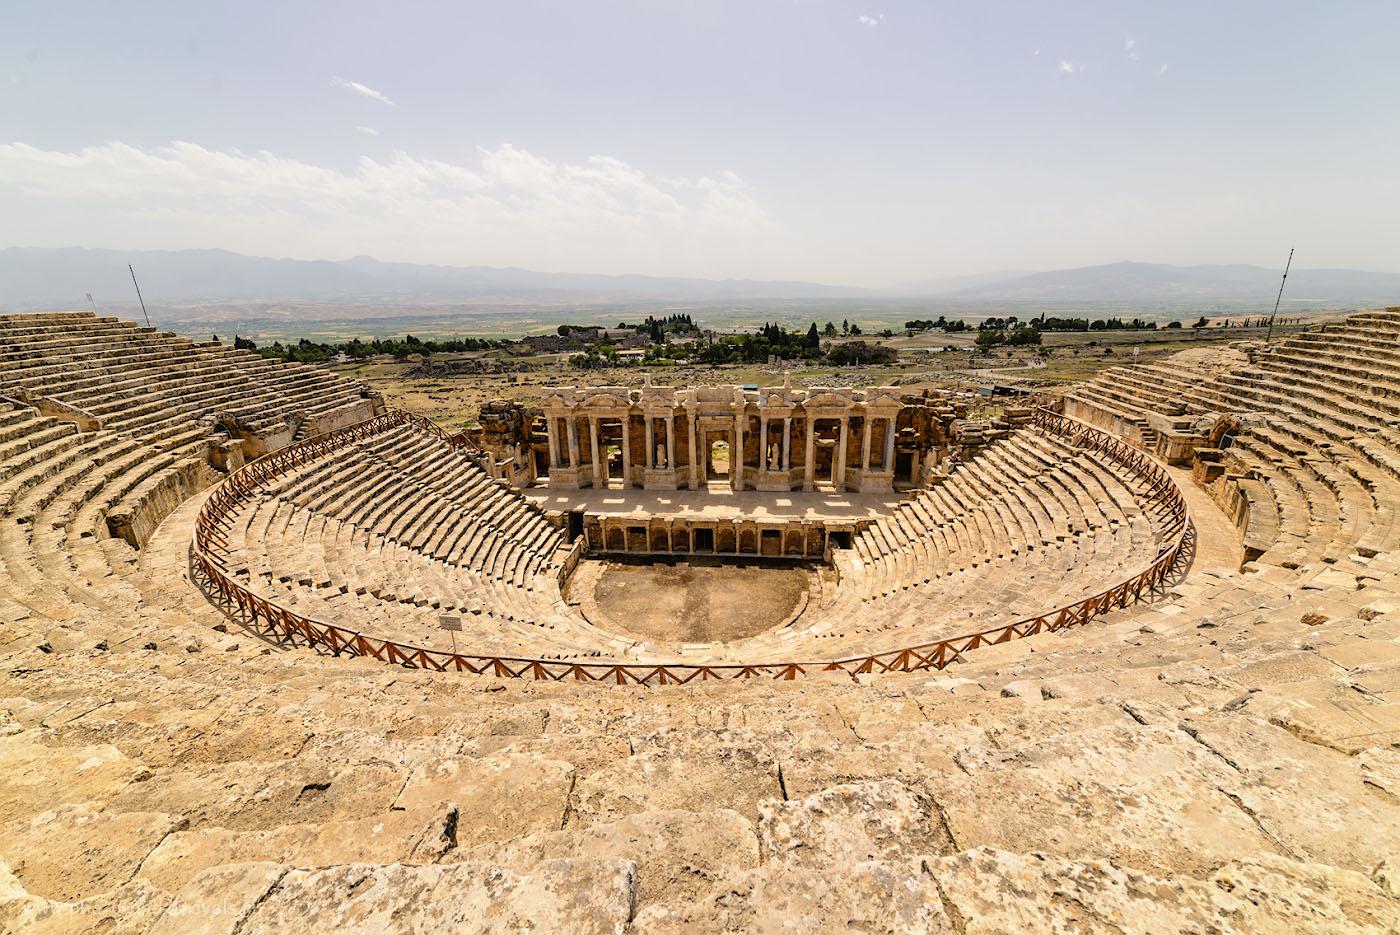 Фото 19. Как римляне умудрились без техники и машин отстроить такие сооружения? Театр в Иераполисе, Памуккале. 1/320, 8.0, 100, 14.